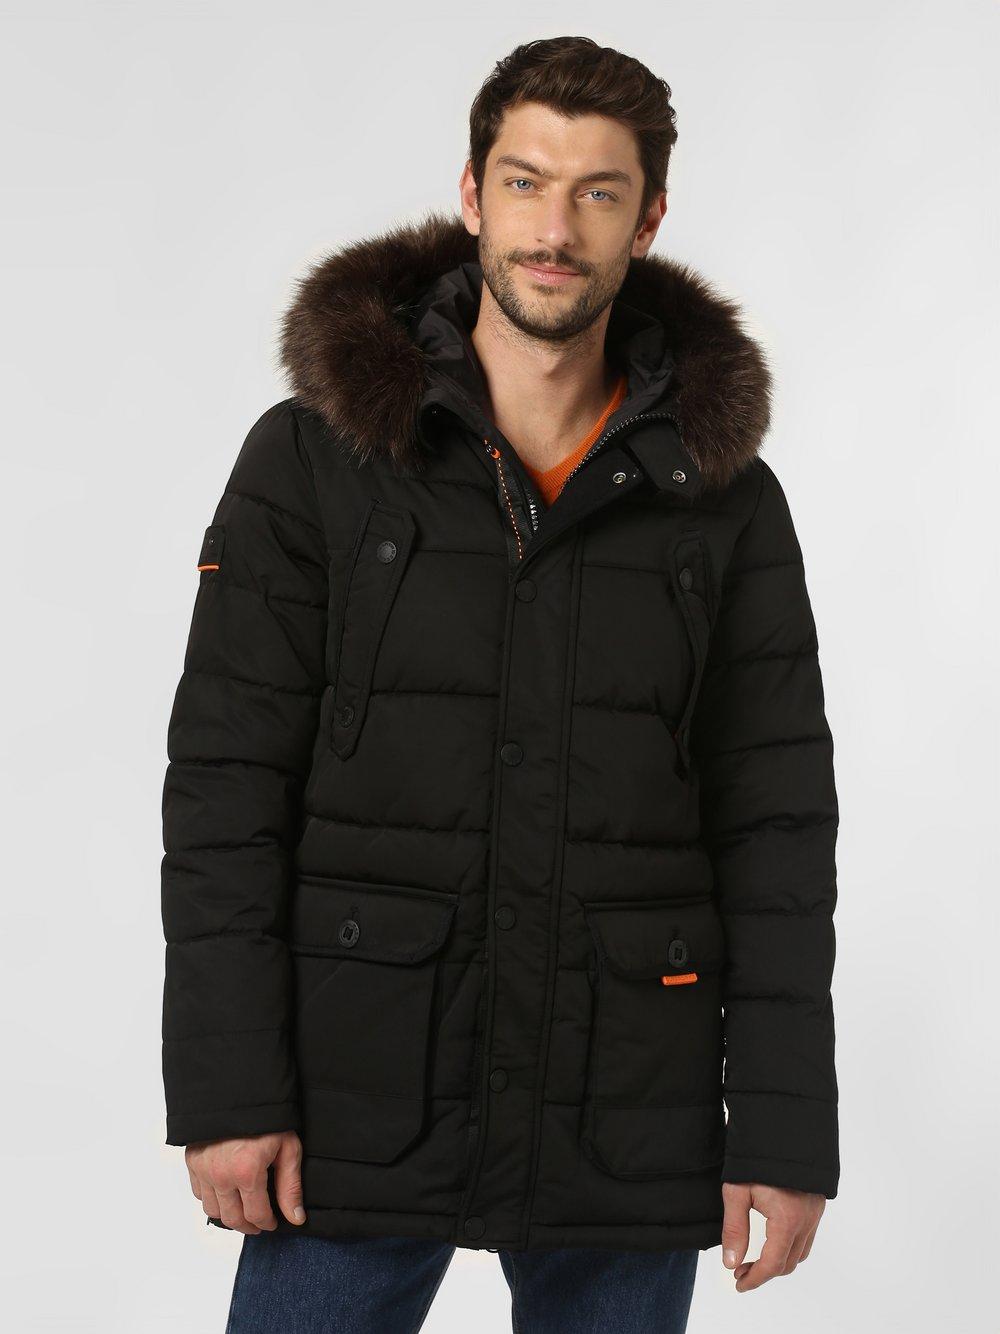 Superdry - Męski płaszcz pikowany – Chinook Parka, czarny